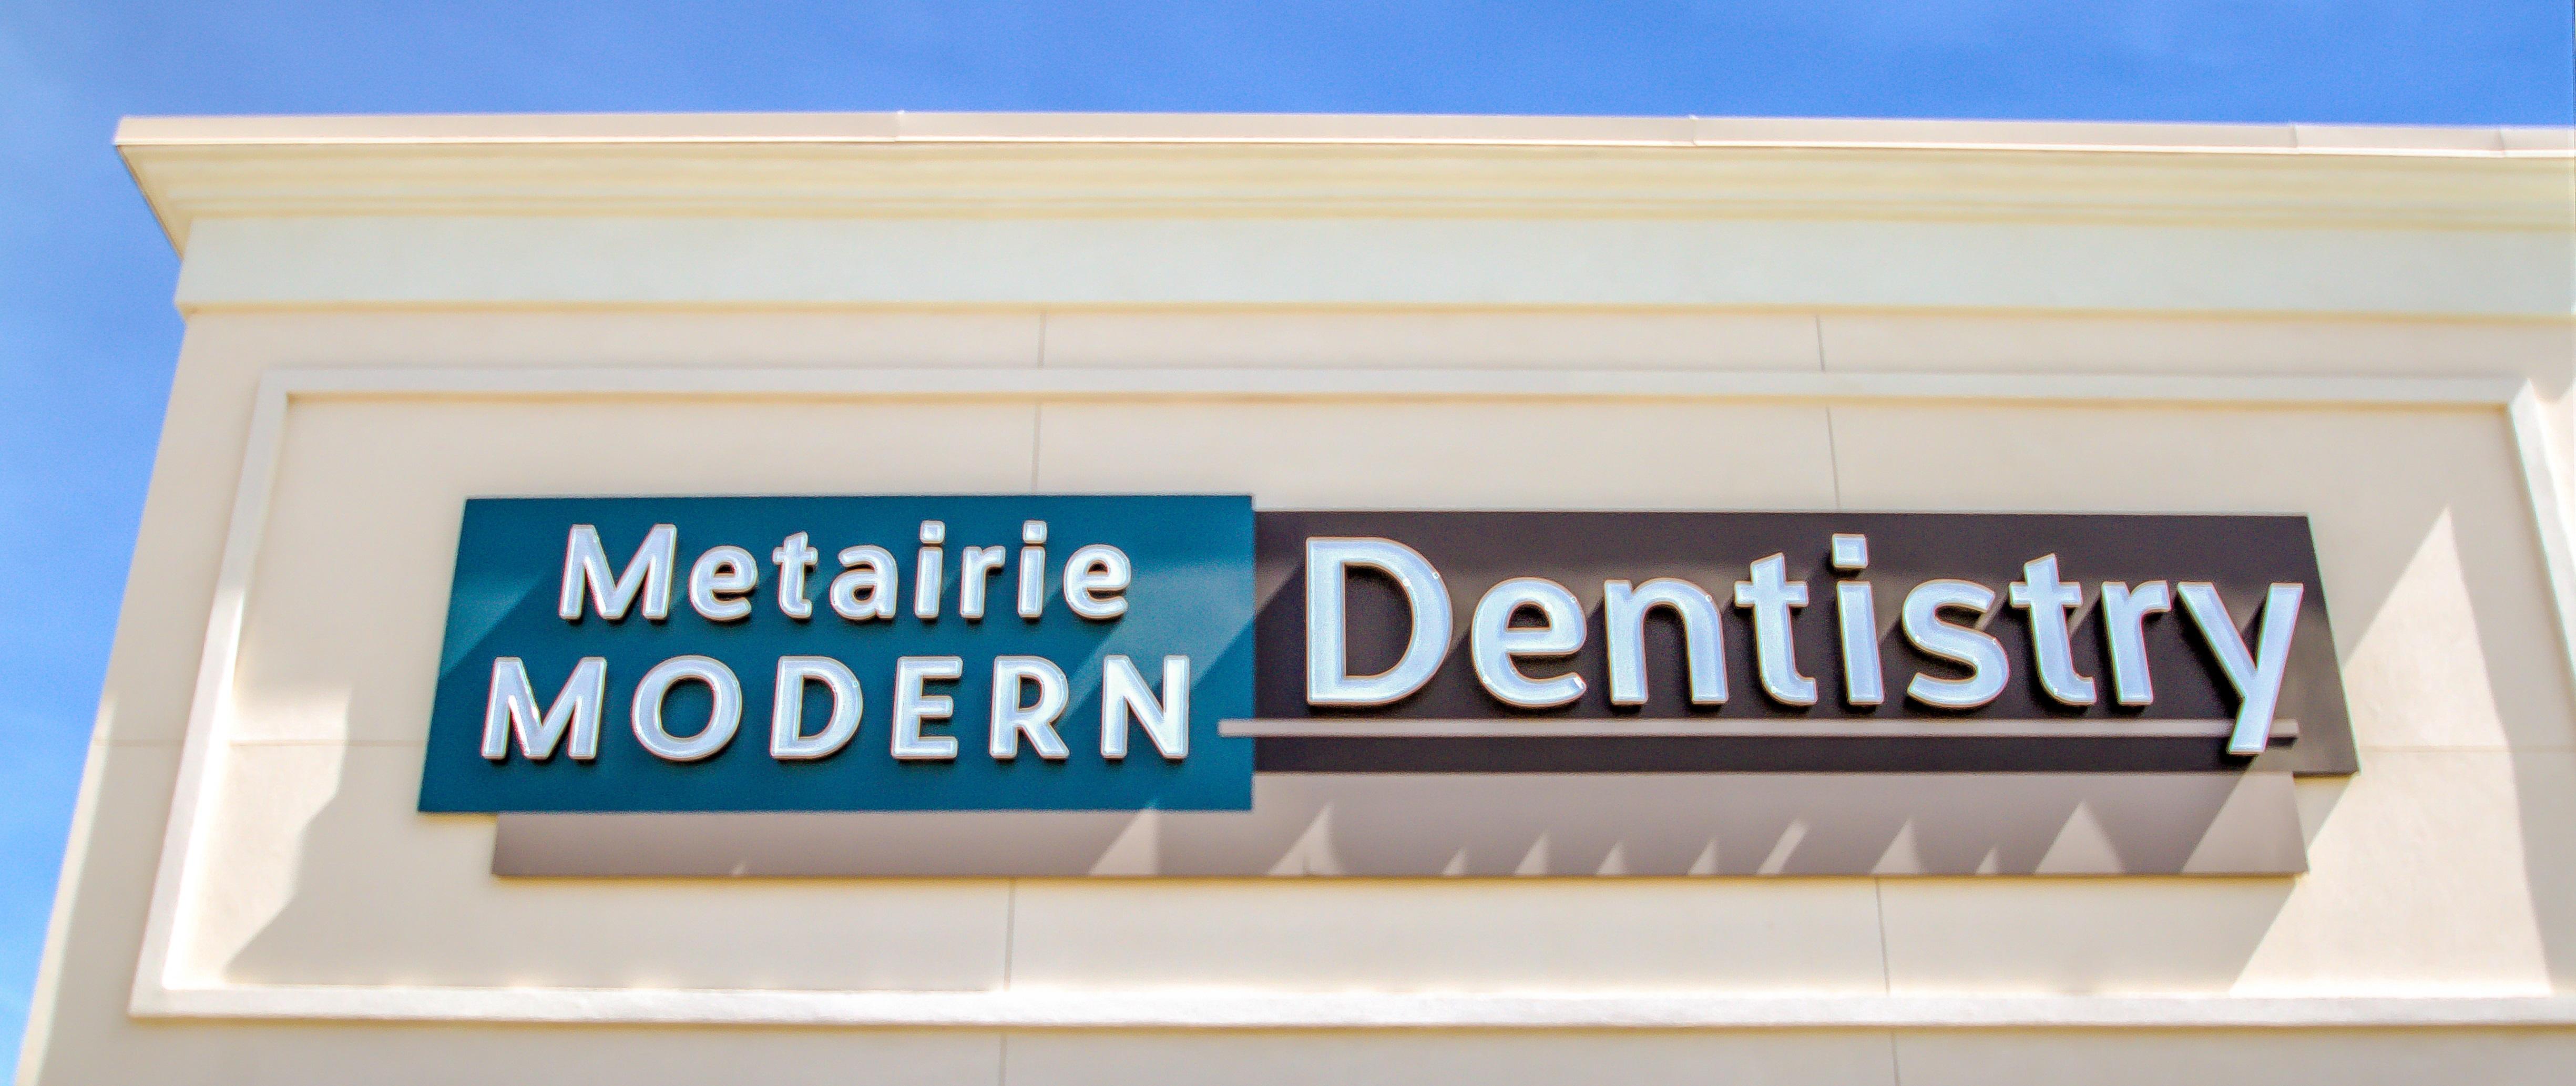 Metairie Modern Dentistry image 1